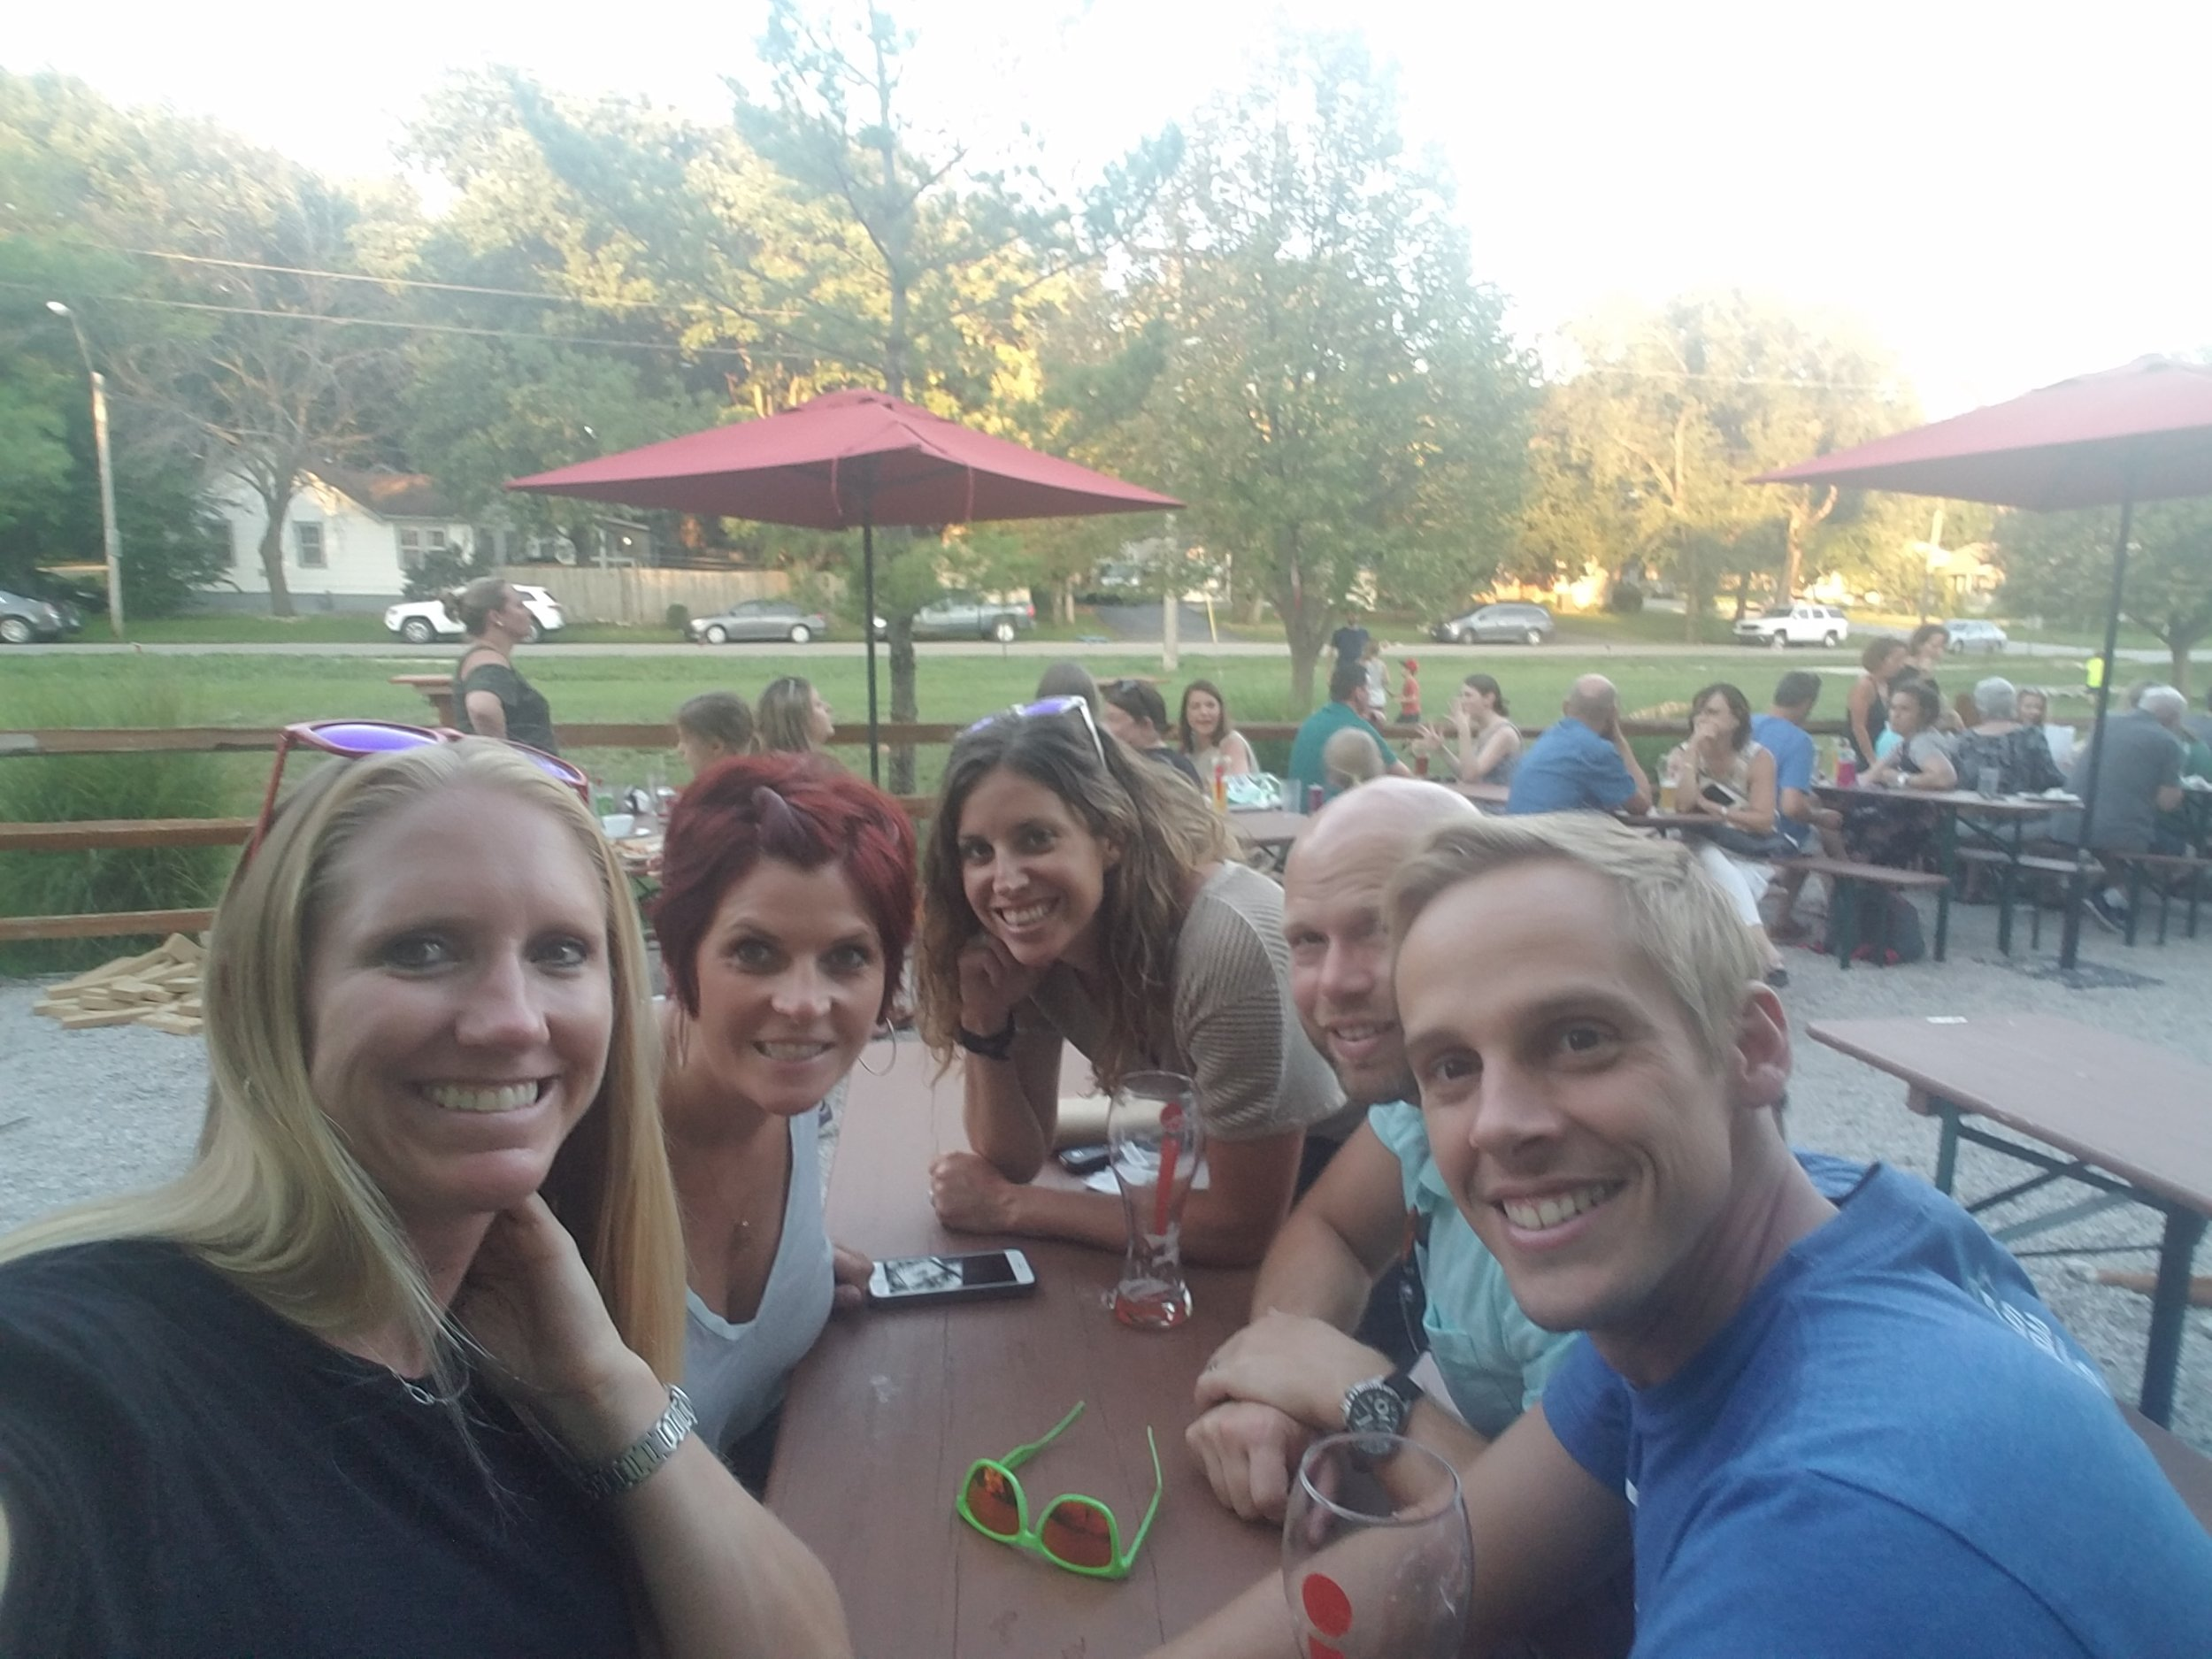 KC Bier Co patio fun!